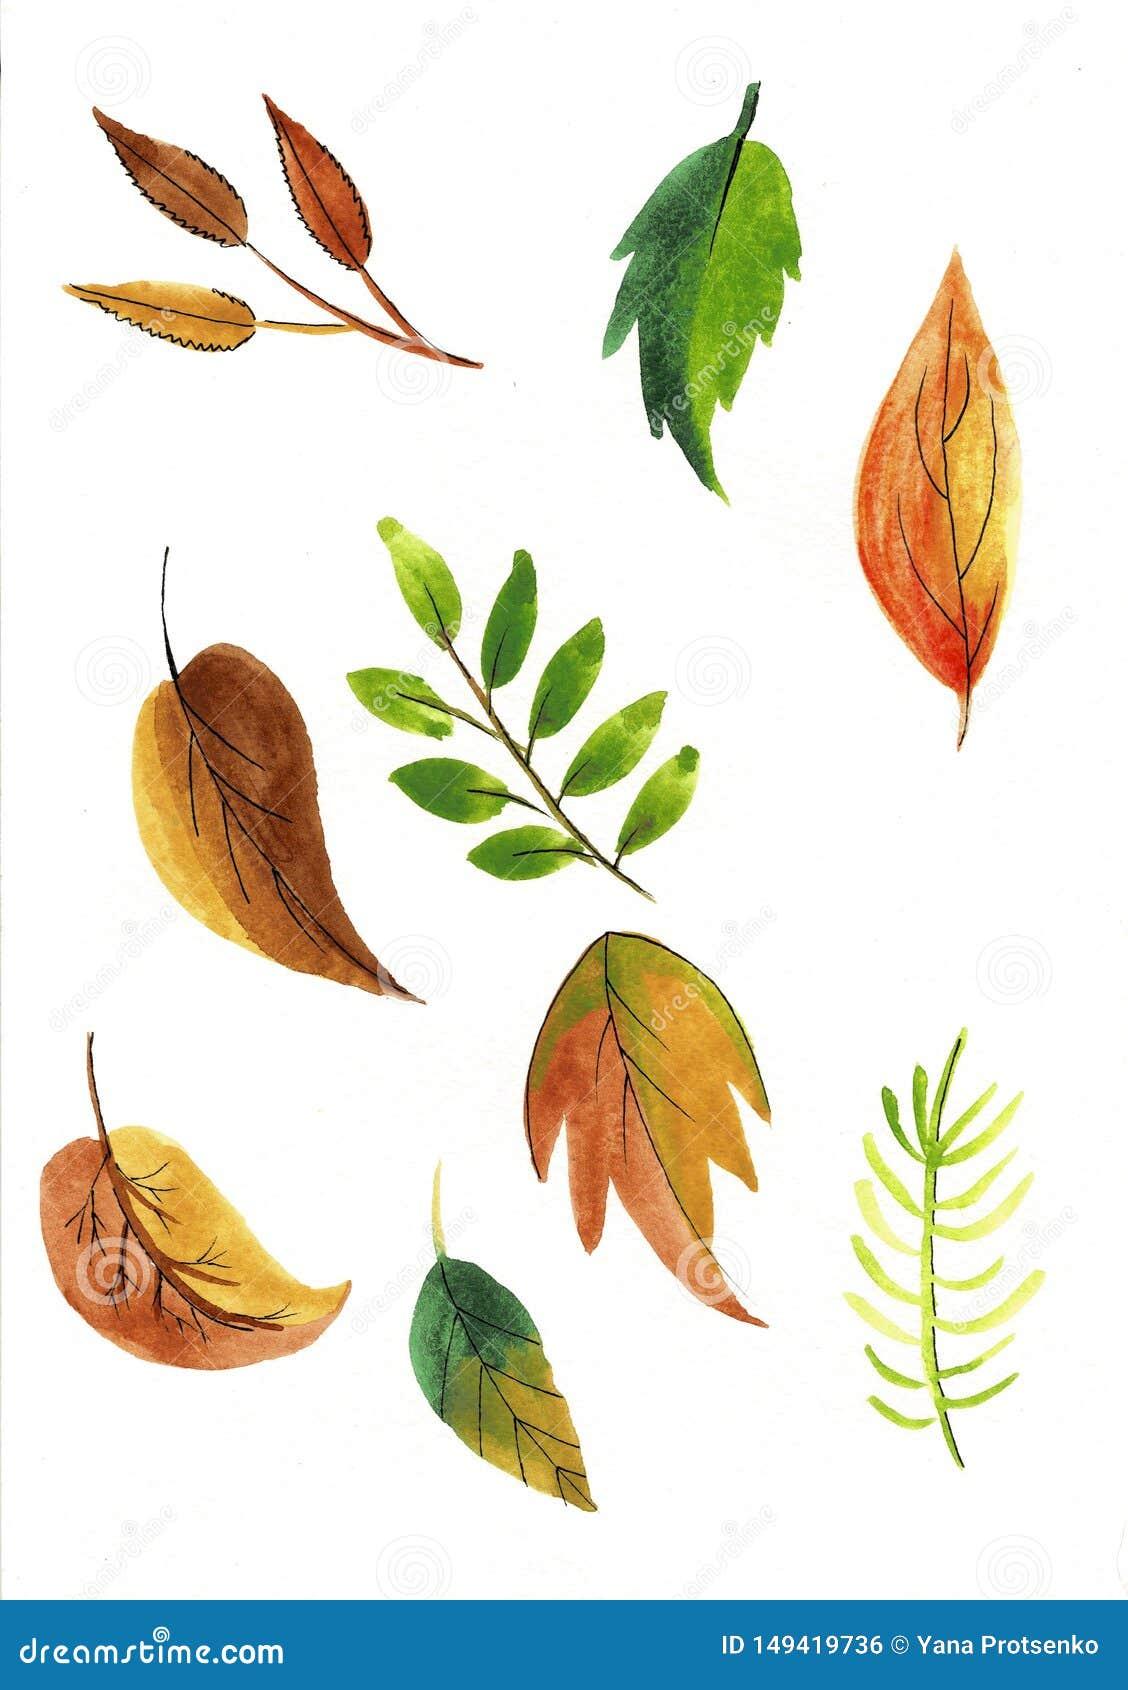 Stellen Sie von der bunten Herbstlaub Aquarellillustration ein